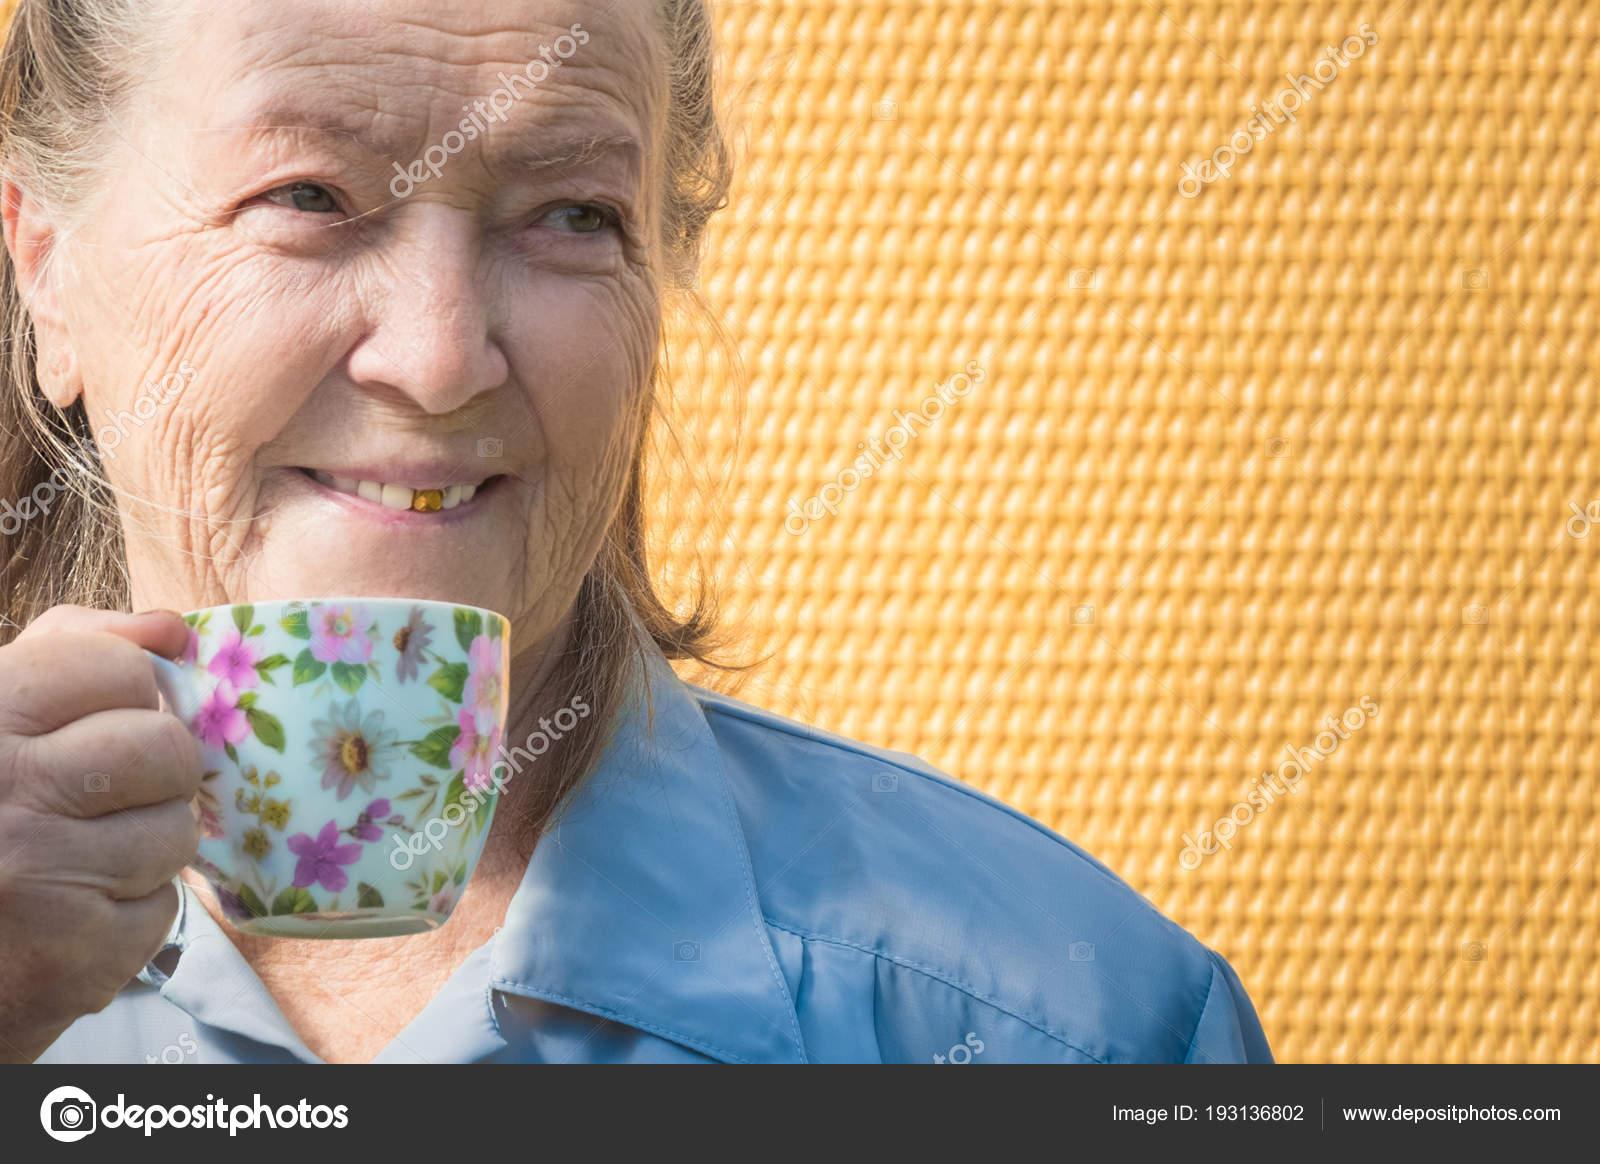 Granny Chaude portrait de vieille grand-mère en plein air à jour de soleil. granny